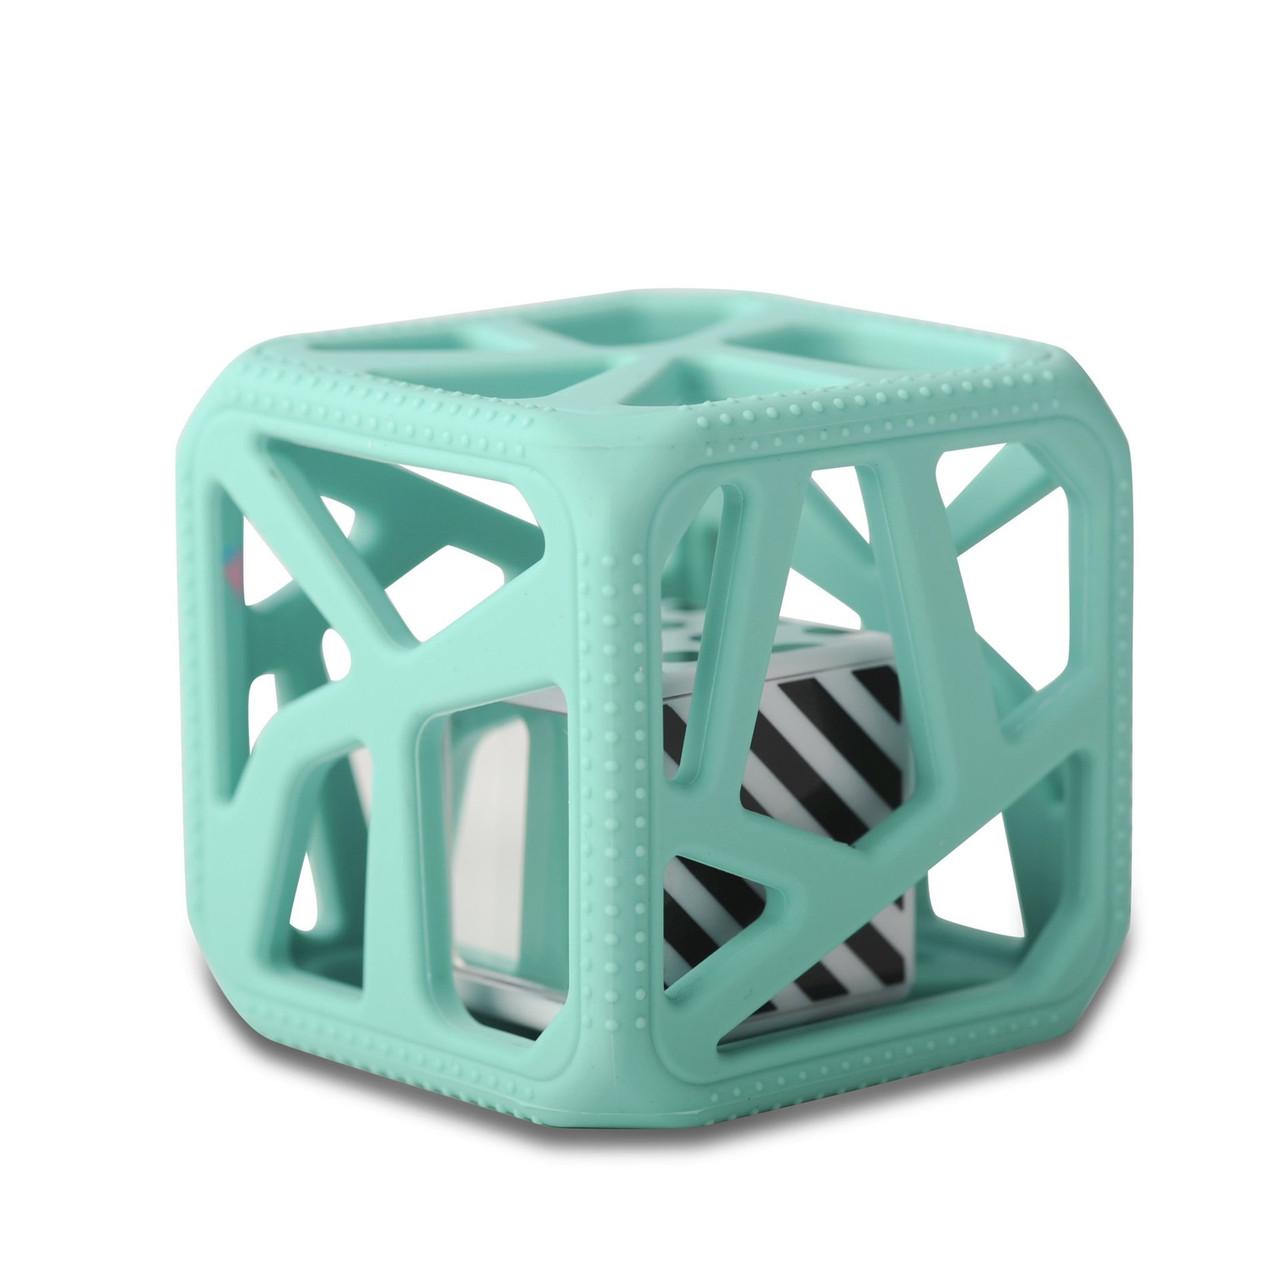 Malarkey Chew Cube - MINT